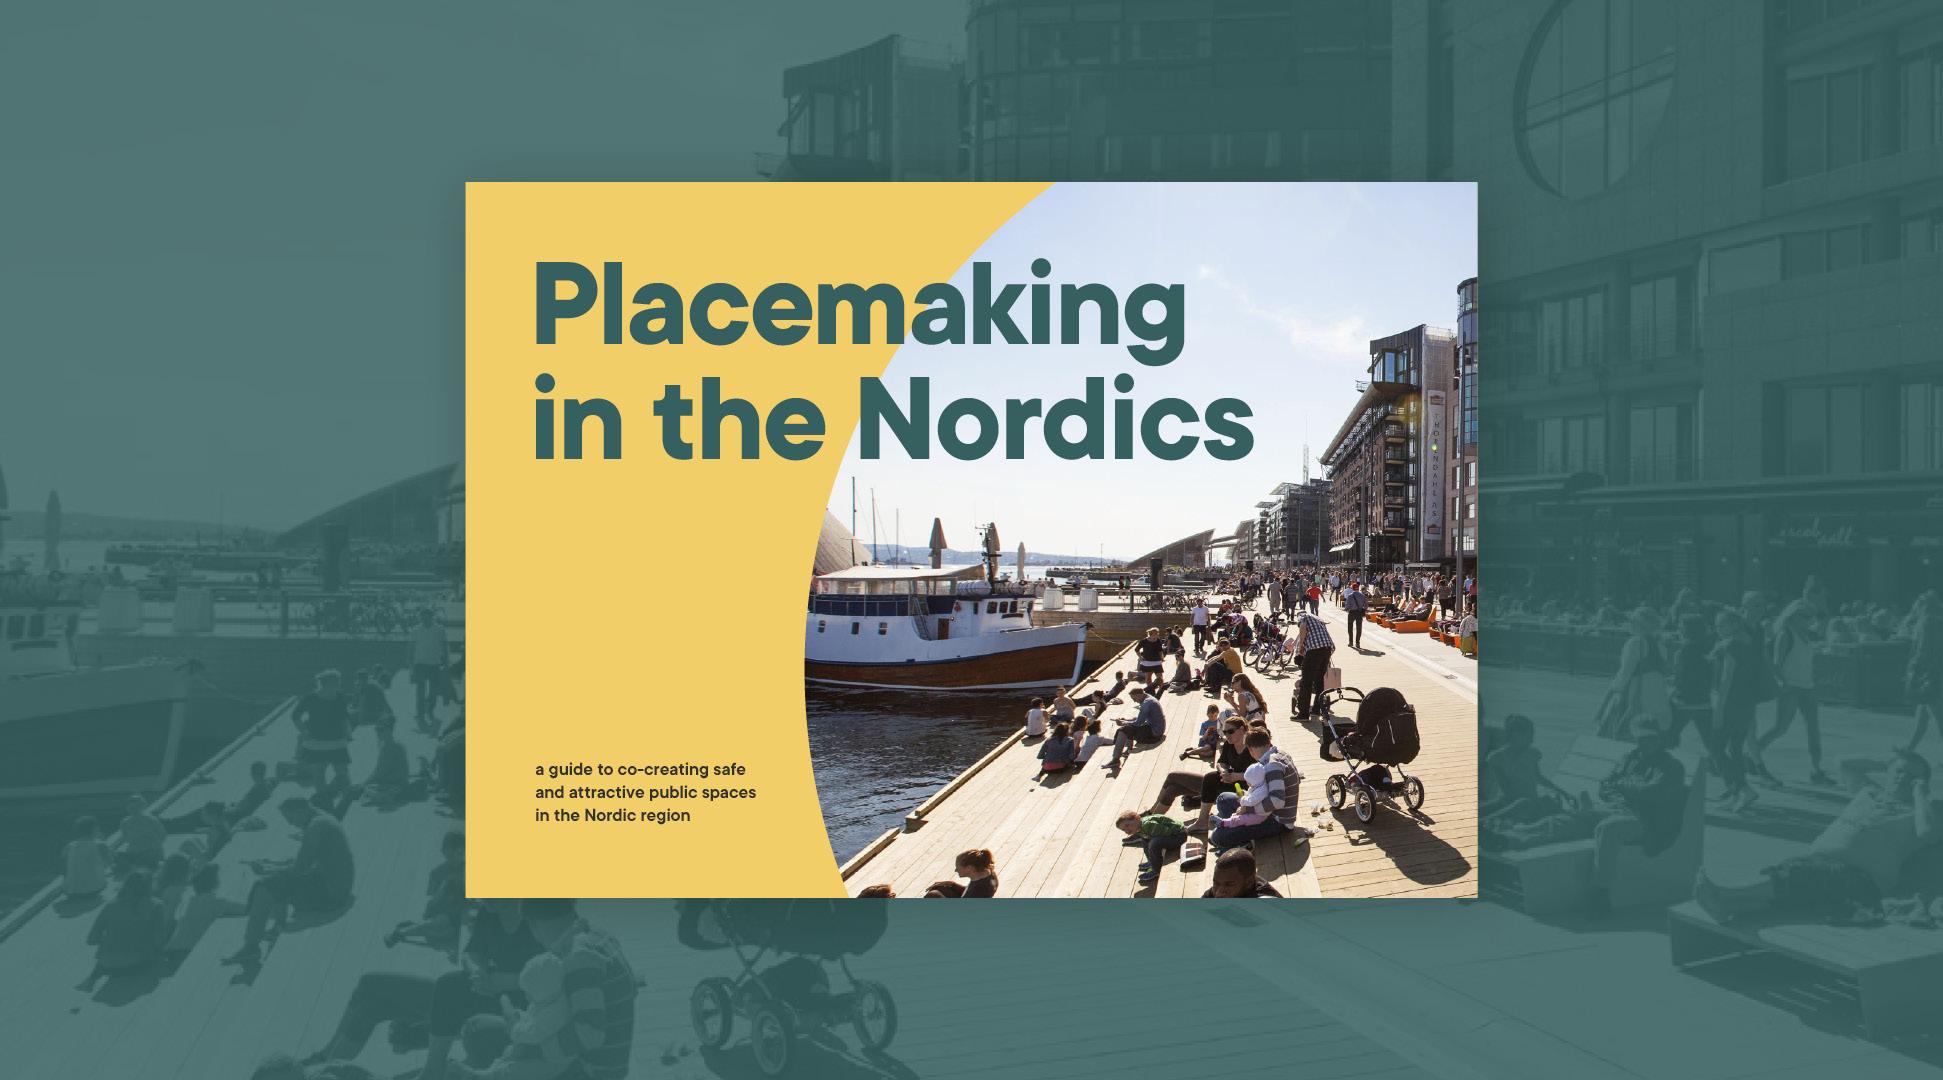 Forsiden af den digitale udgivelse Placemaking in the Nordics